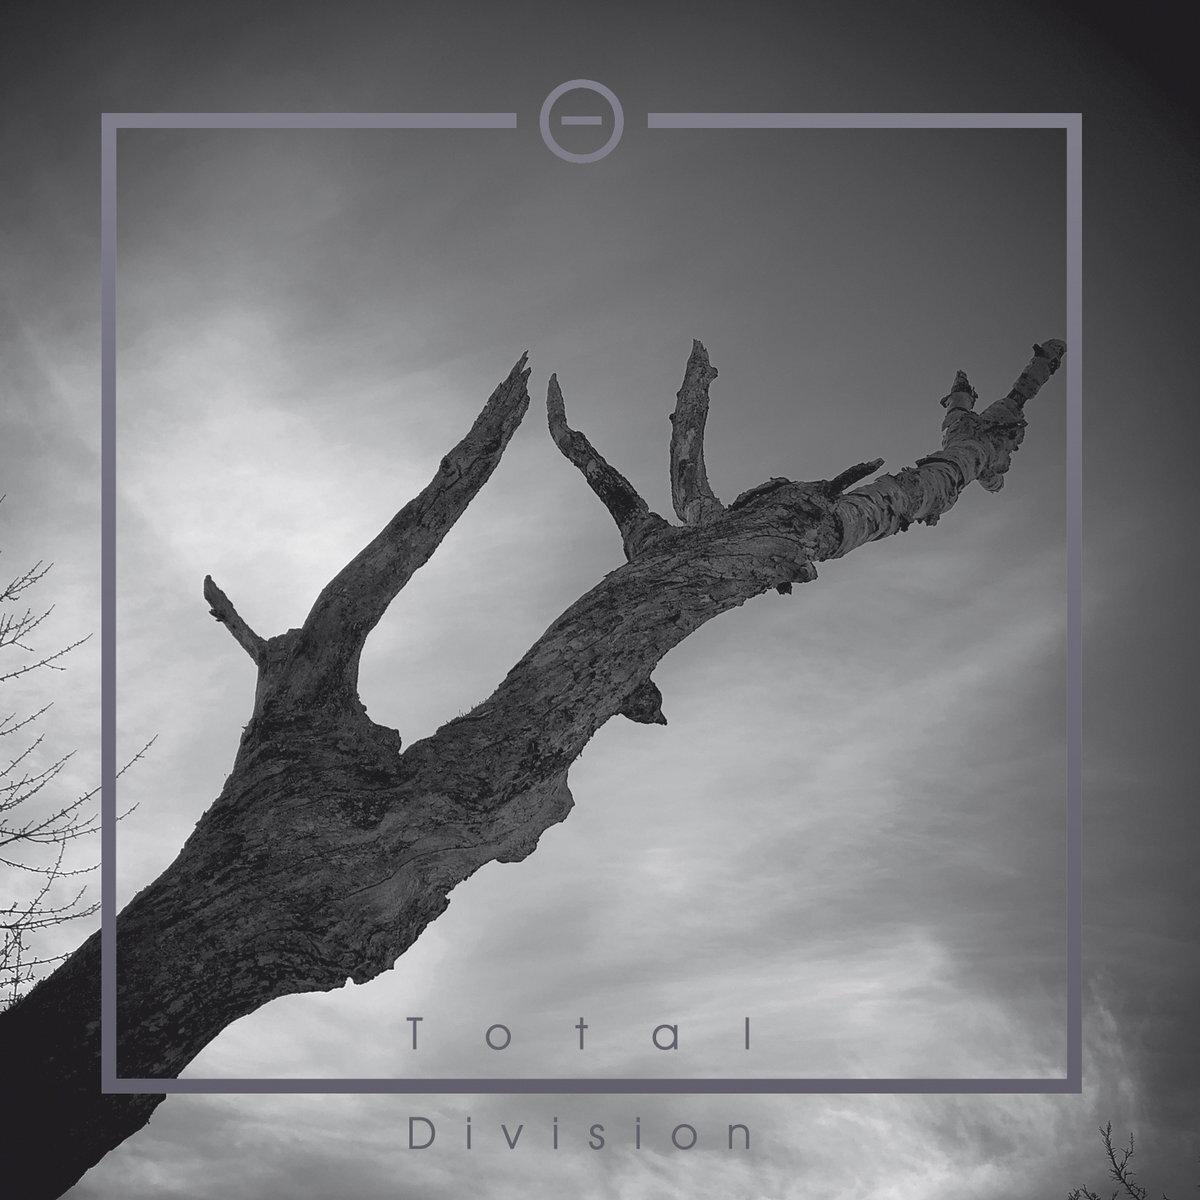 Θ - Total Division CD - 画像1